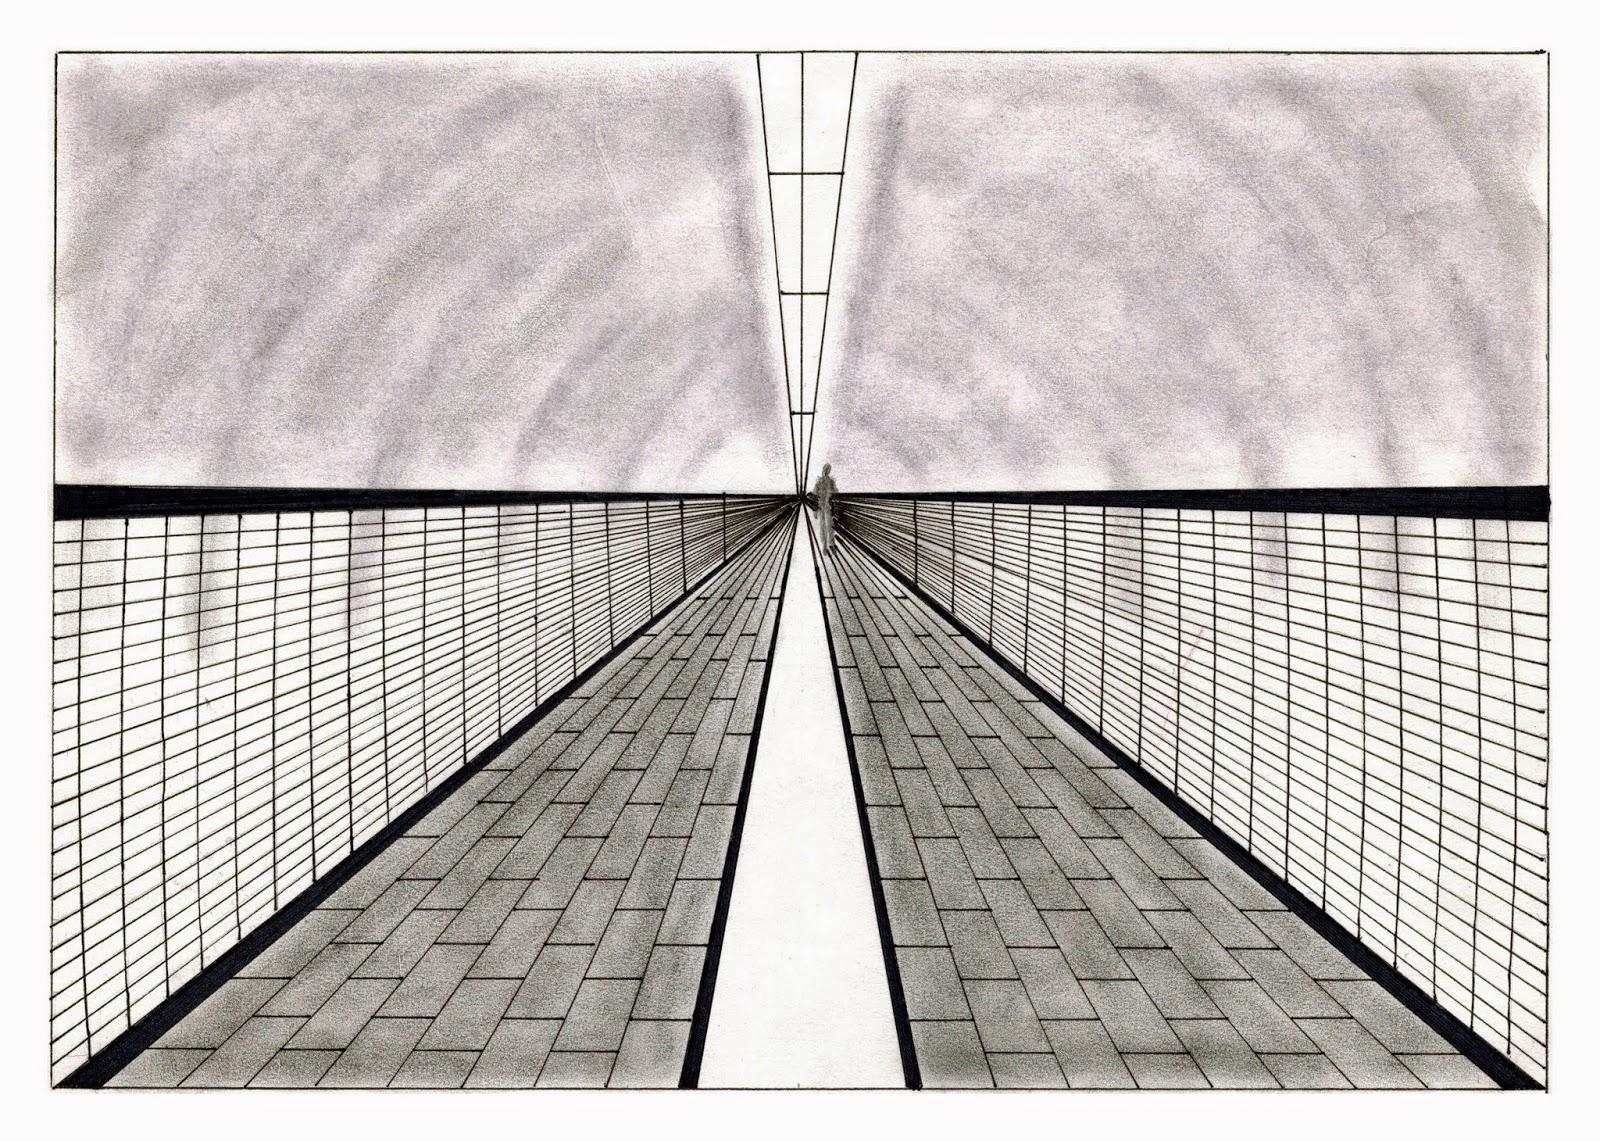 Kuiloa blog de dibujo perspectiva a un punto de fuga for Exterior a un punto de fuga